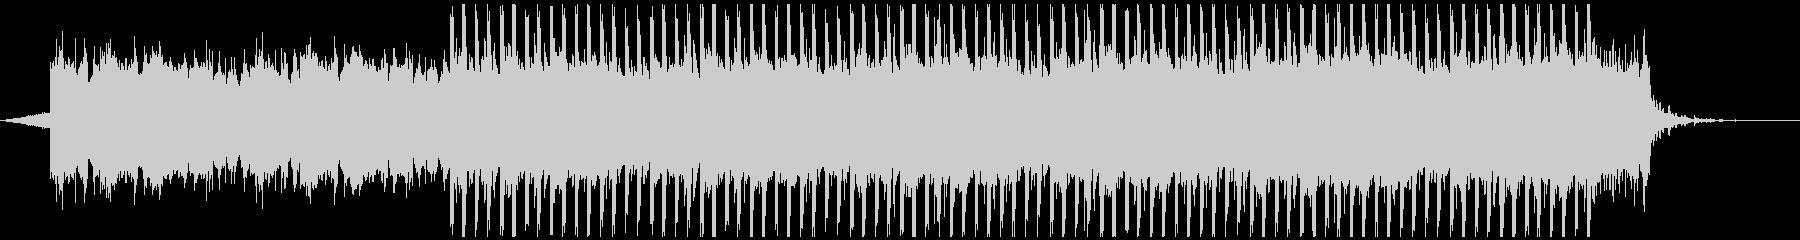 アップビート動機付け音楽(短)の未再生の波形